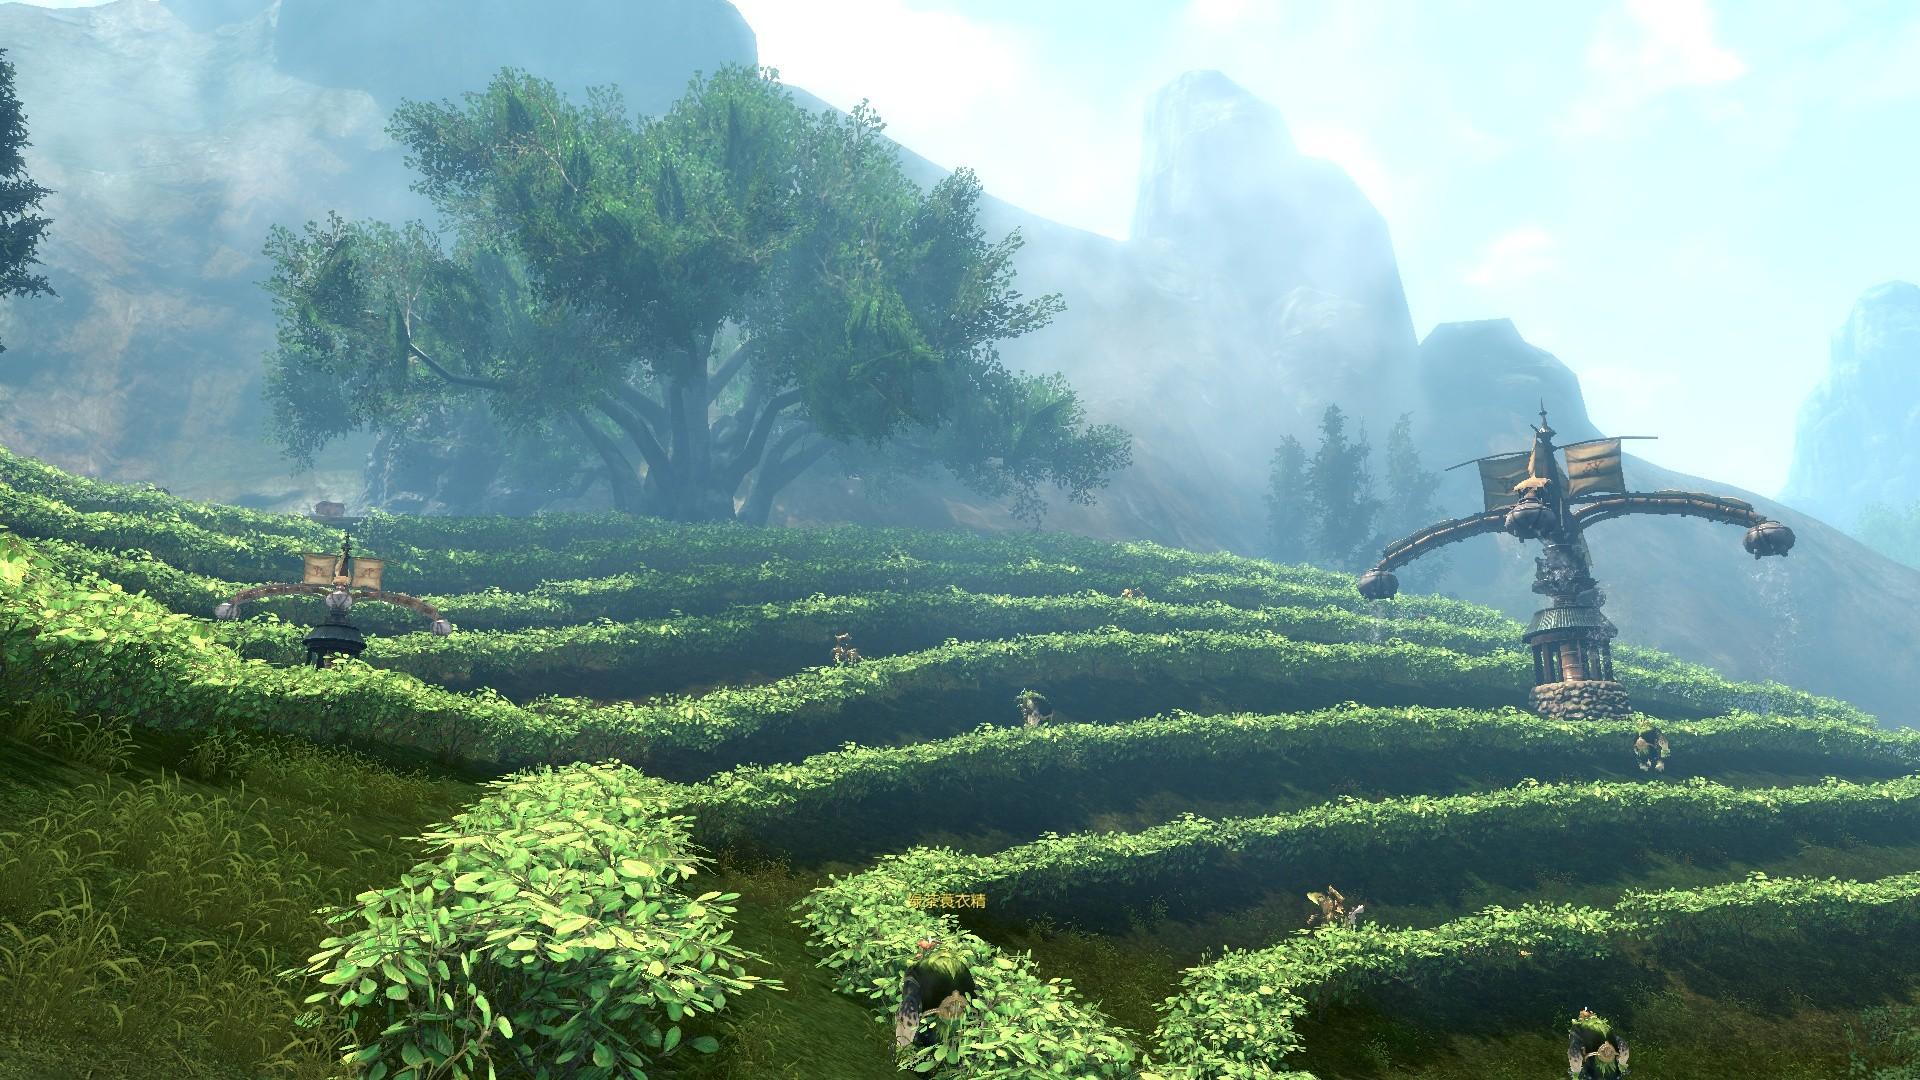 デスクトップ壁紙 森林 丘 フィールド Pcゲーム ジャングル